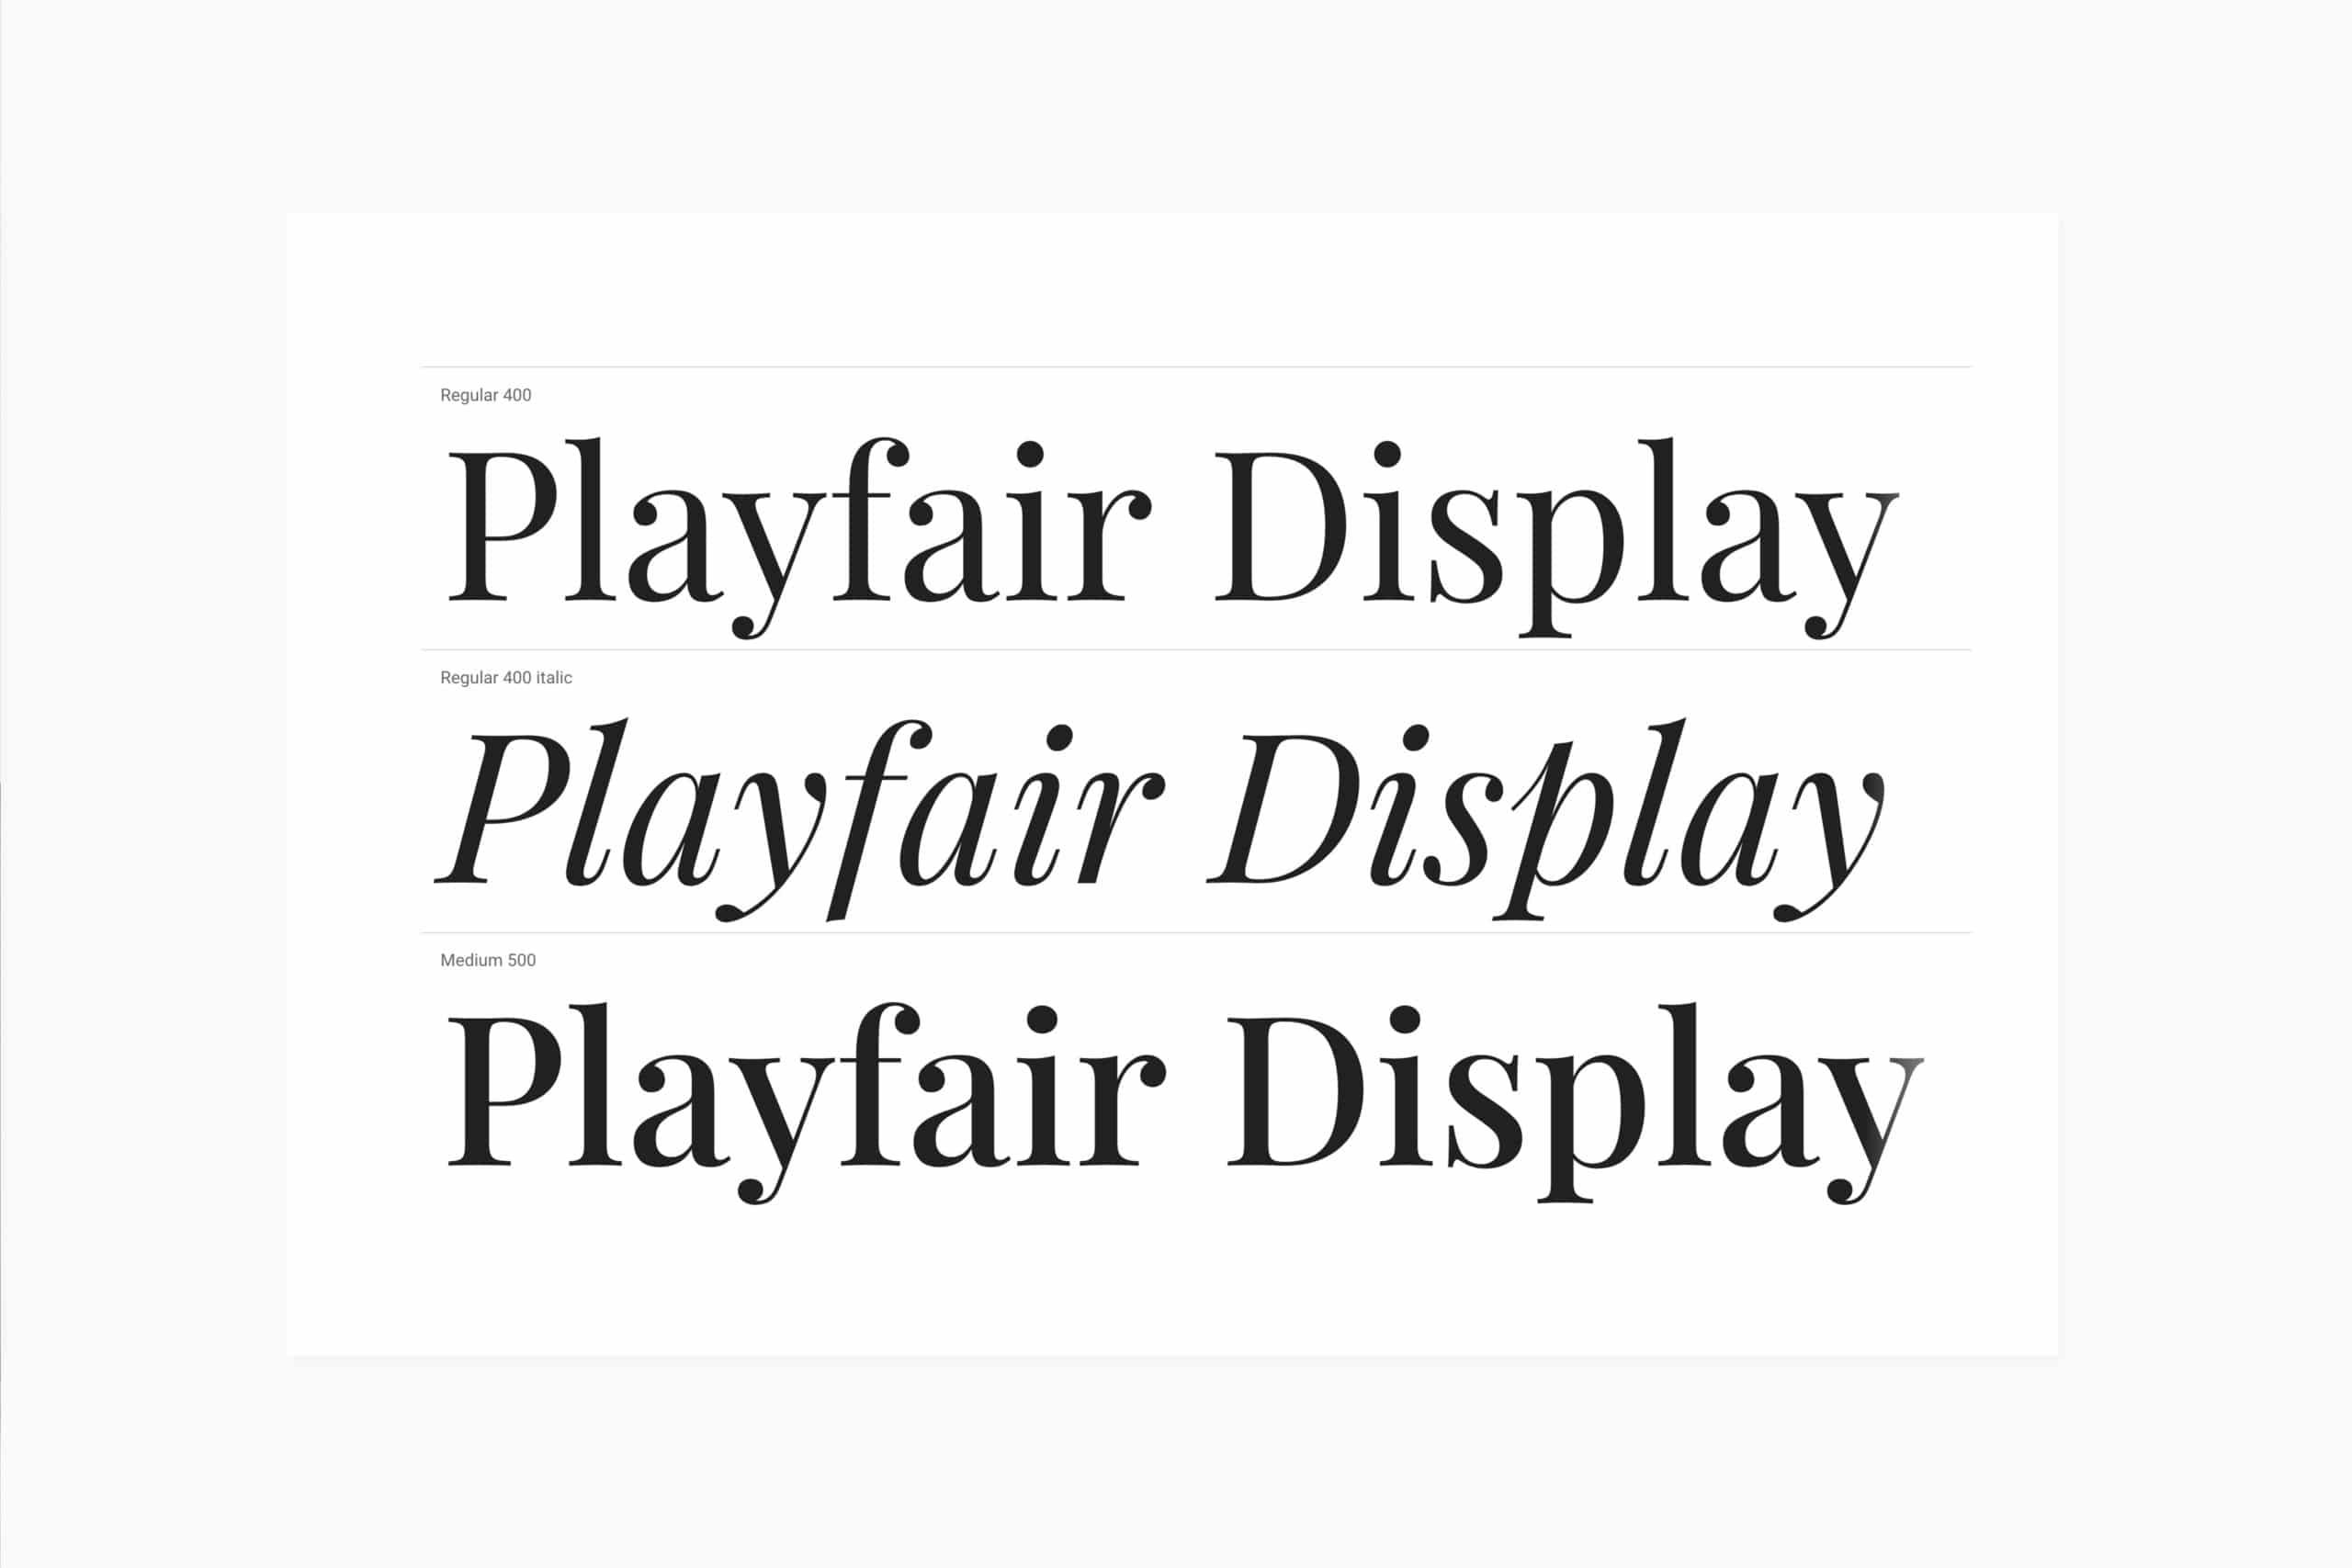 feuille blanche sur fond gris présentant la typographie Playfair Display et ses graisses